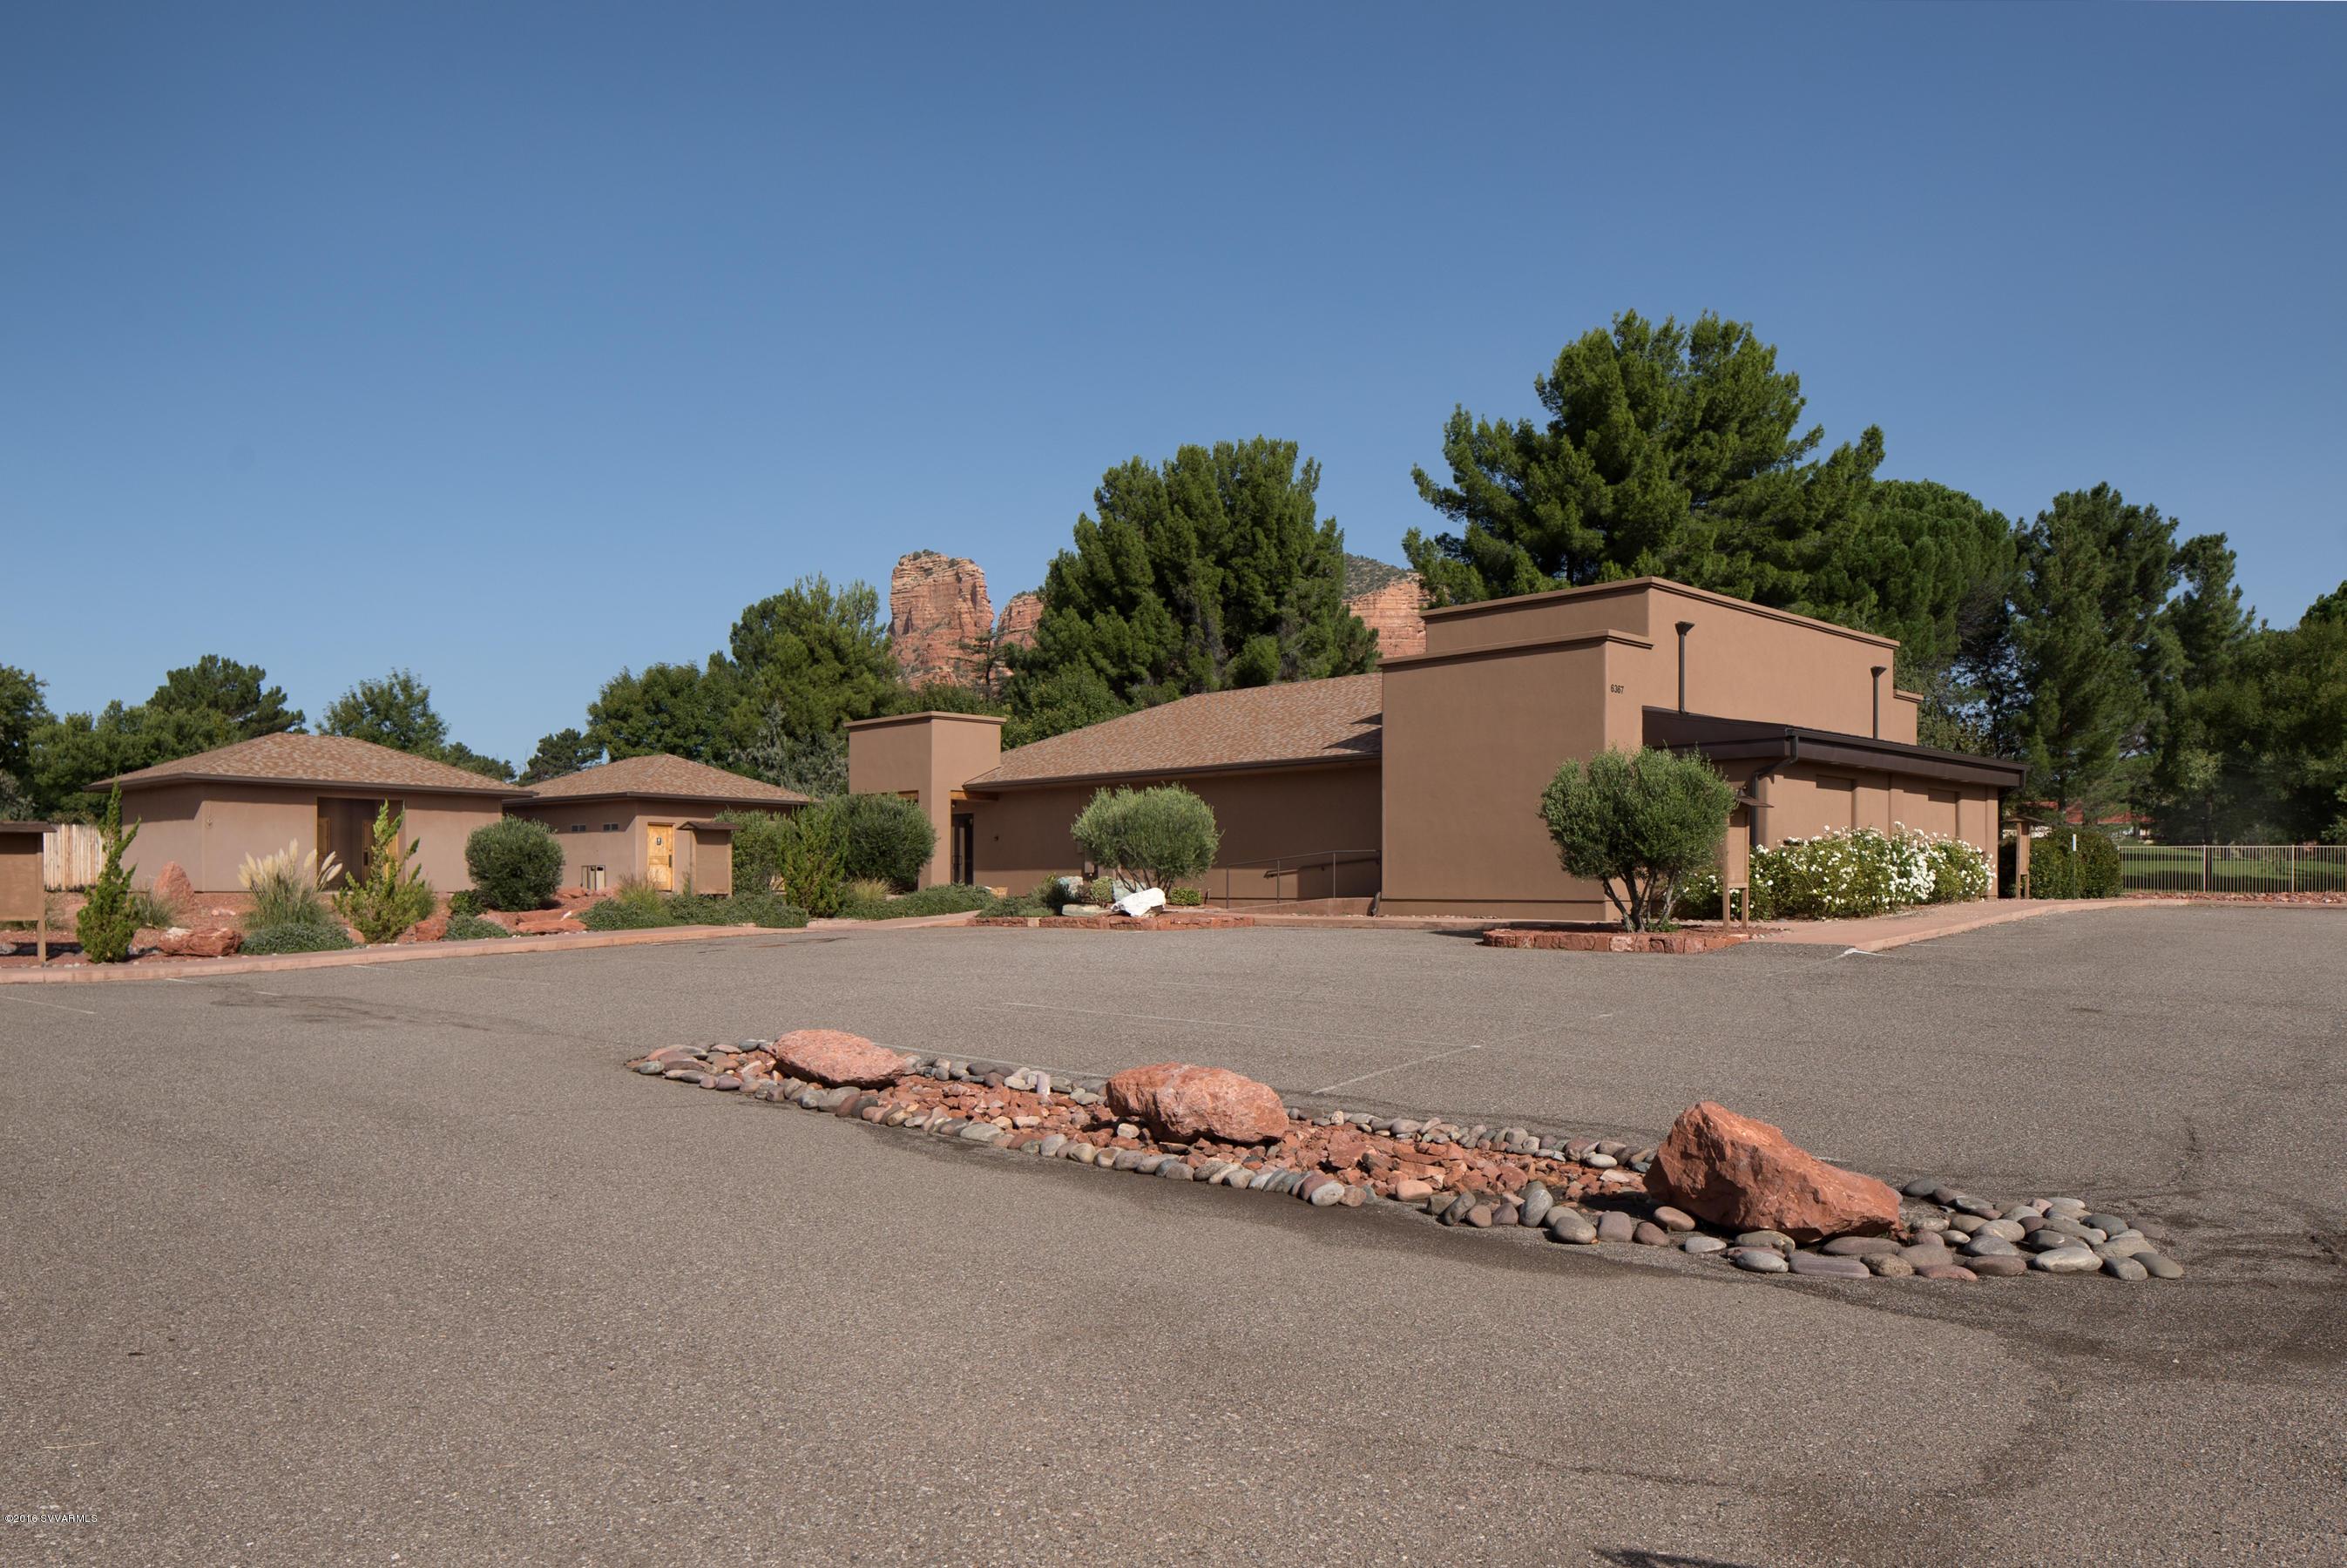 6376 State Route 179 Sedona, AZ 86336